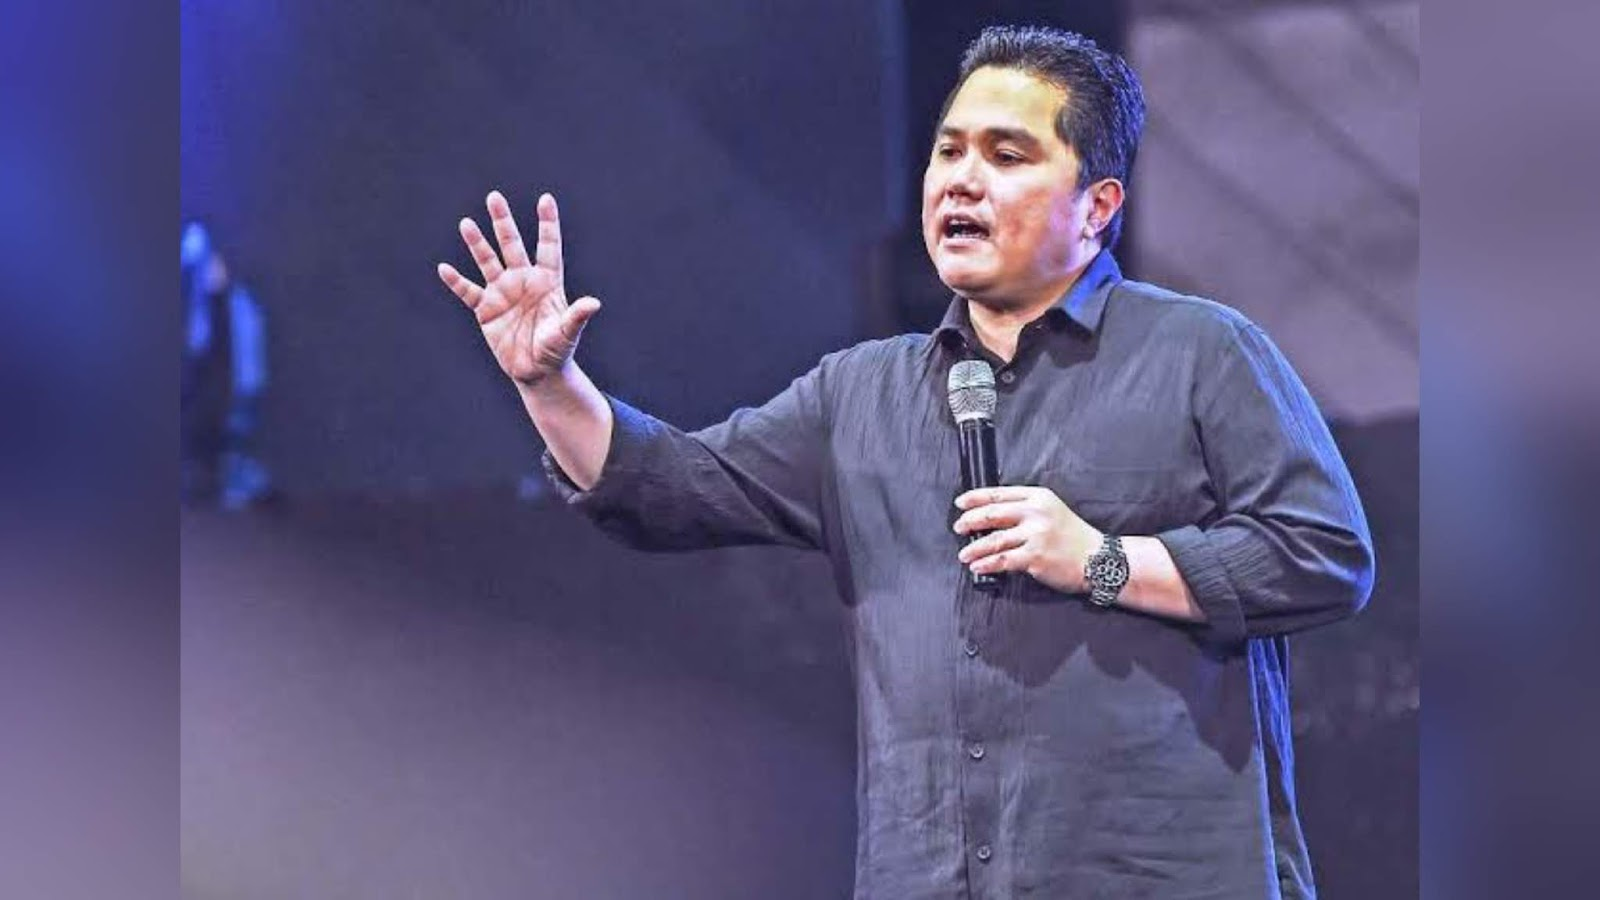 Menteri BUMN Sebut Korban yang Meninggal Akibat Virus Corona Akan Masuk Surga